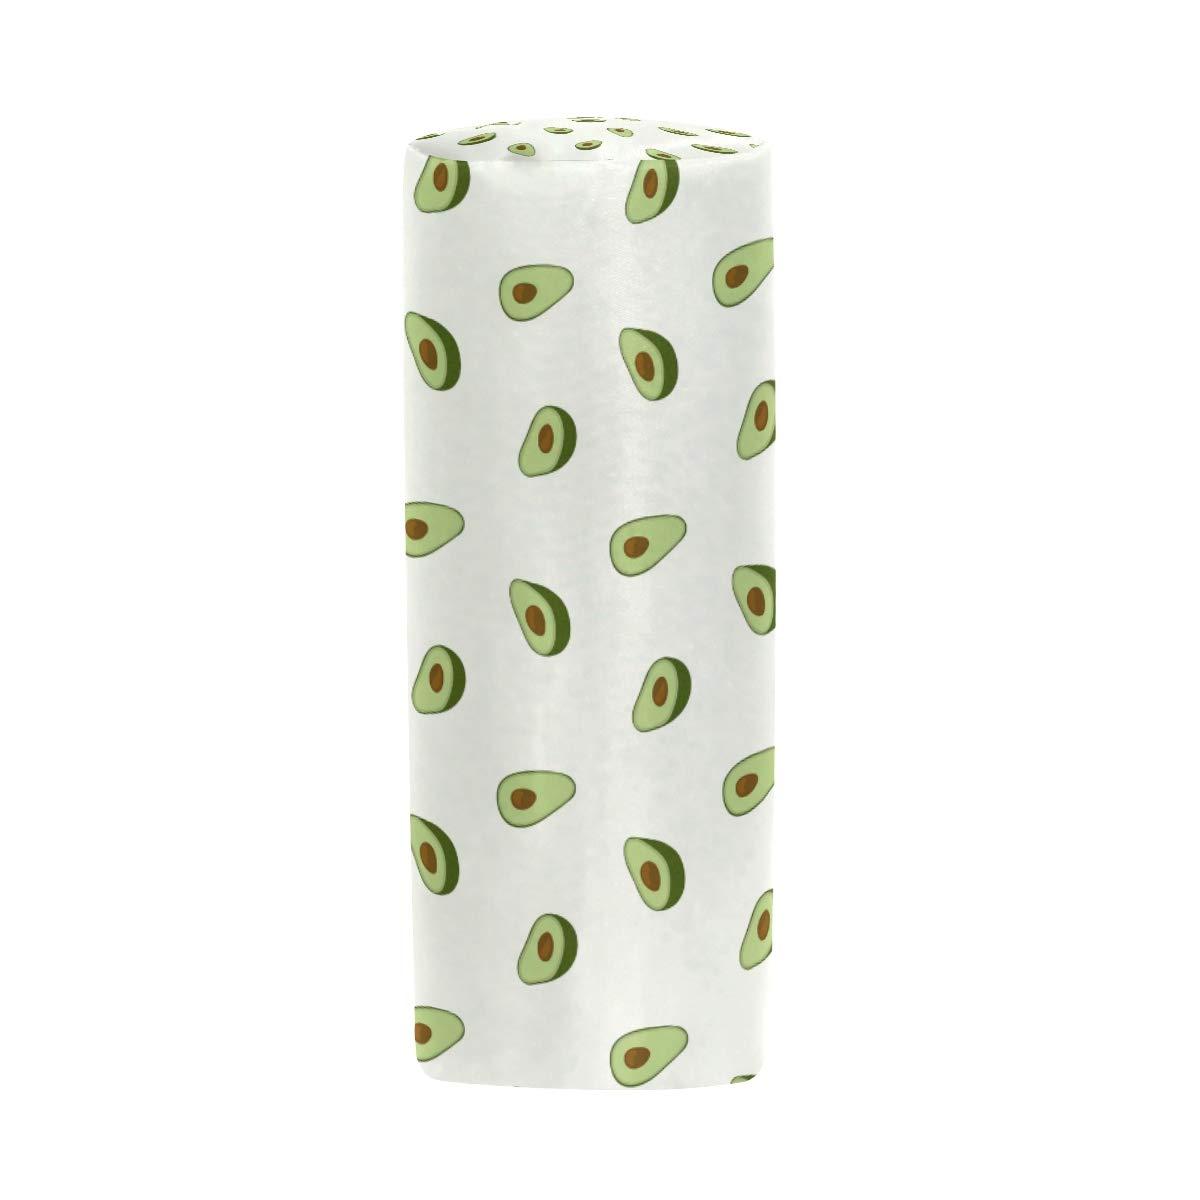 Amazon.com: AGONA Avocado - Estuche con cremallera, bolsa de ...